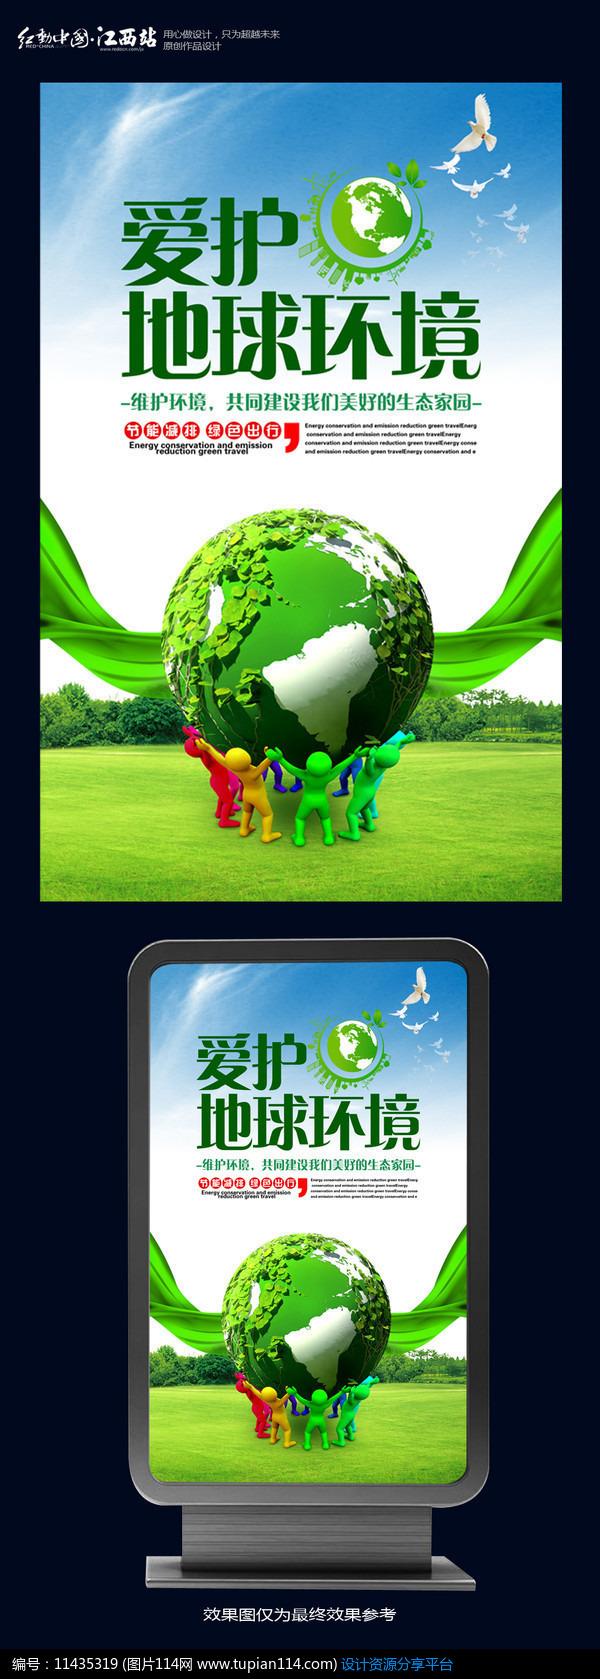 [原创] 爱护地球环保公益海报设计图片